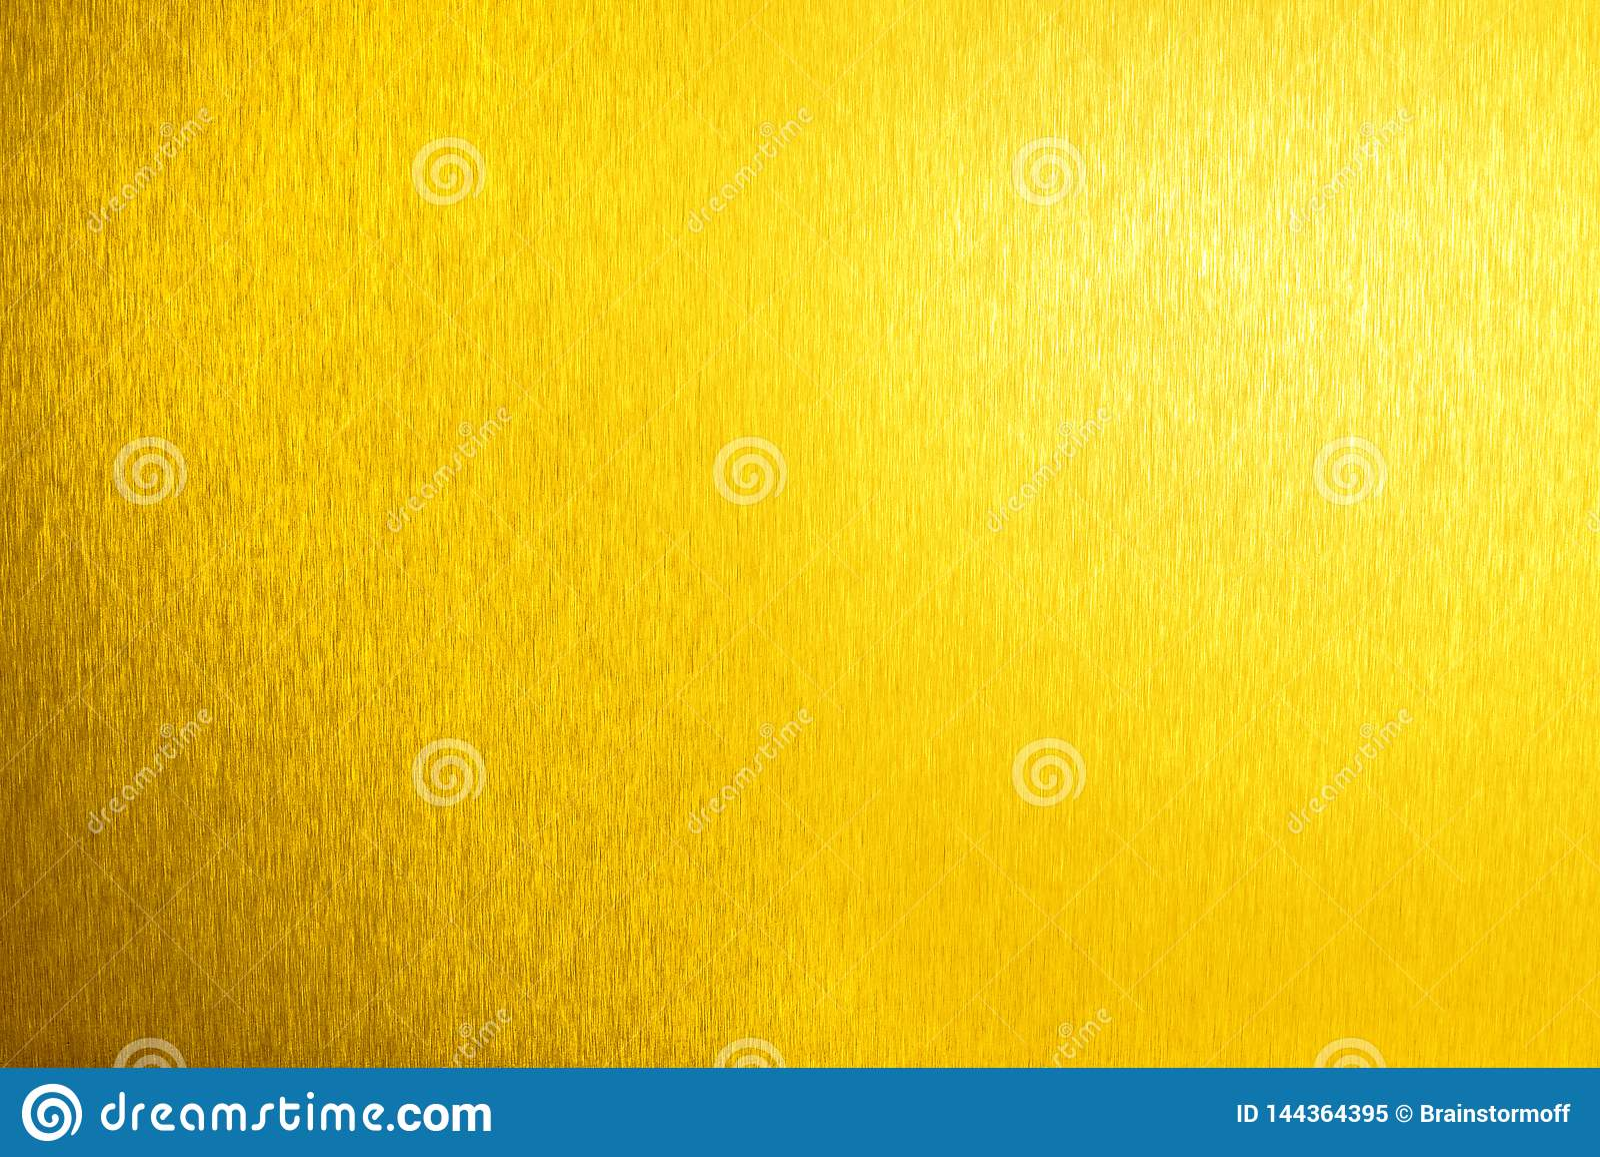 Surface vide brillante en métal d or, fond métallique brillant jaune, fin de contexte de feuille d or, texture de scintillement d